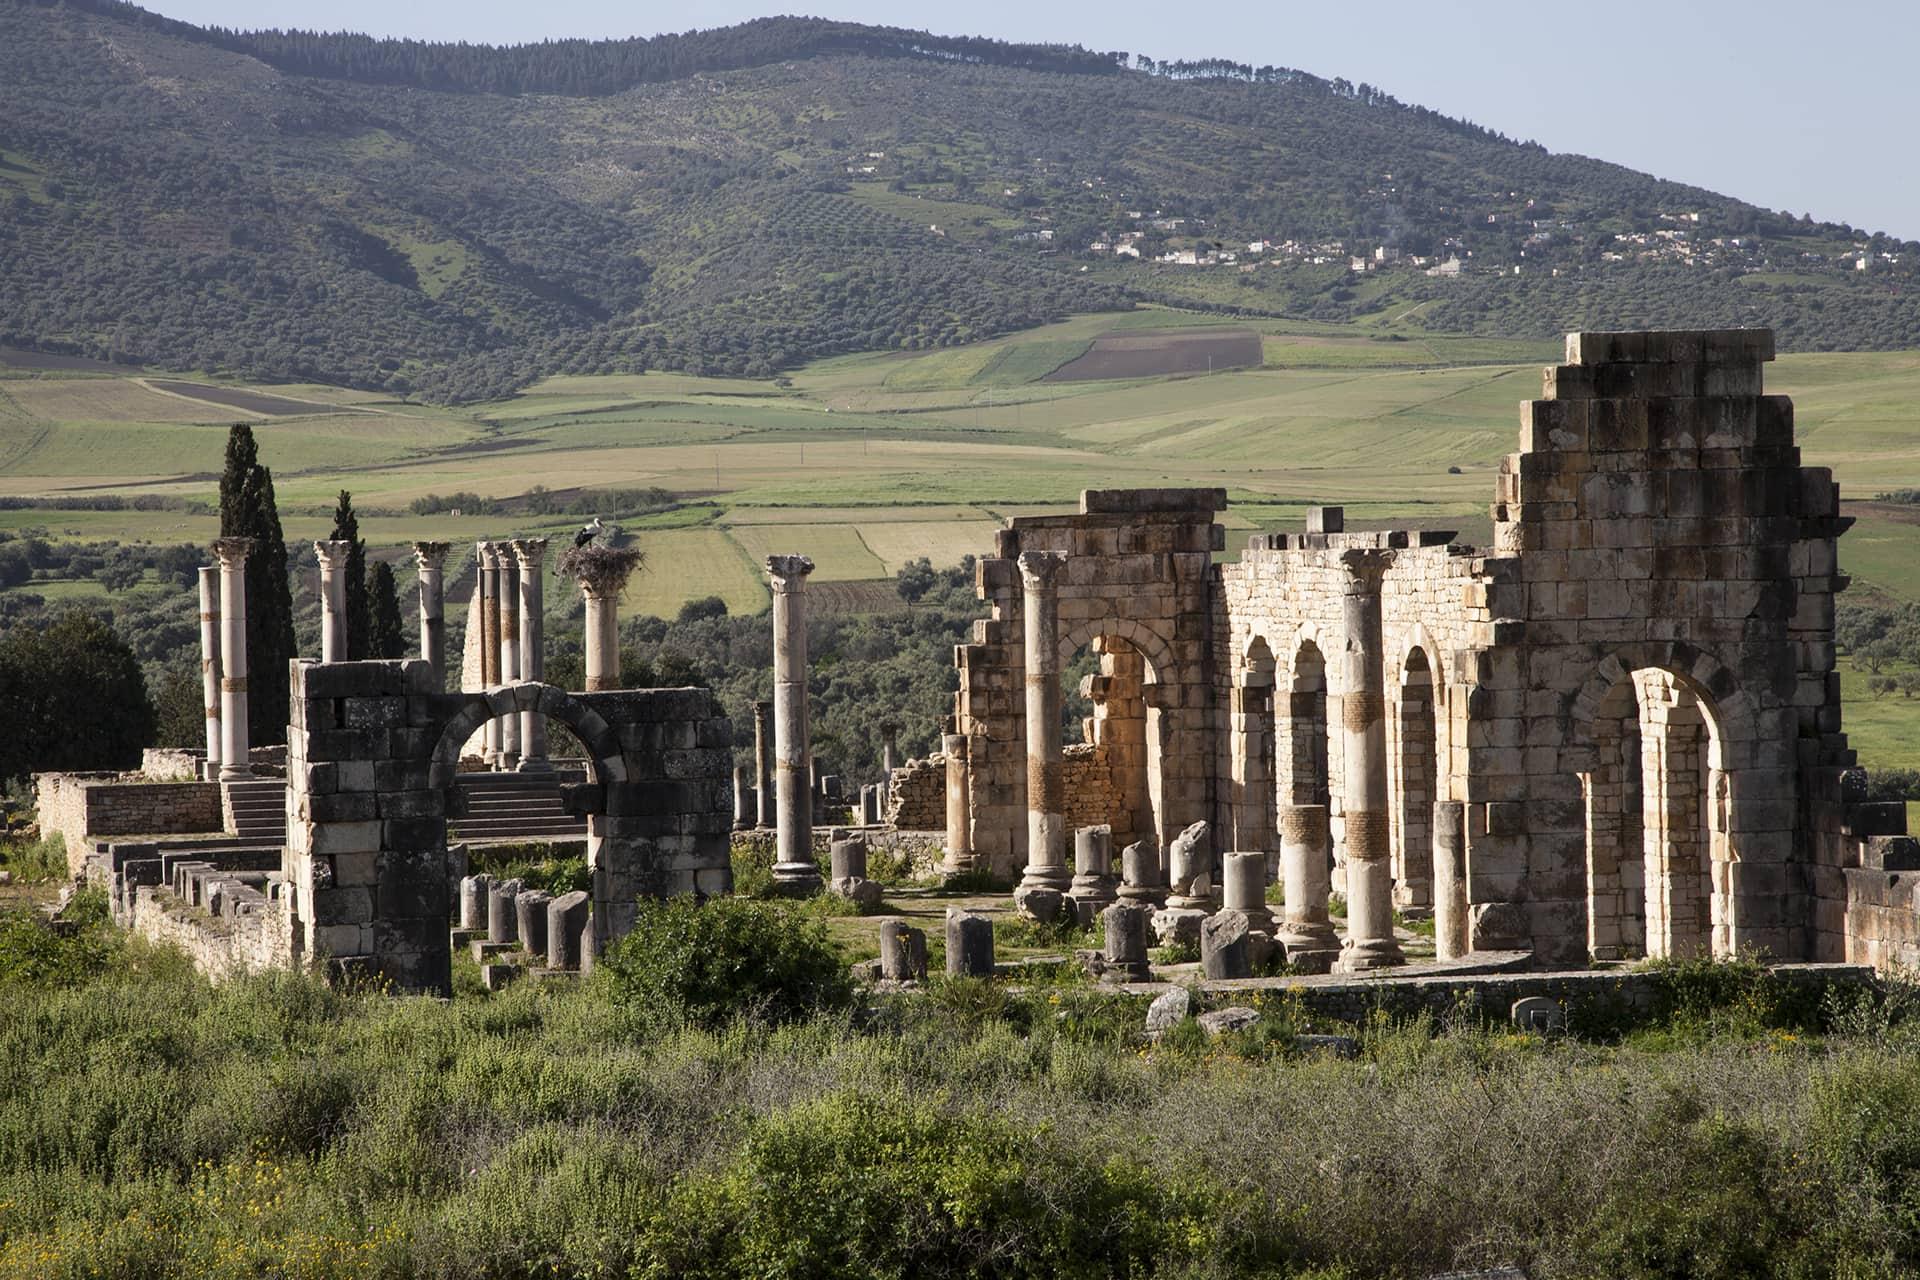 Marocco: Alla scoperta delle Rovine Romane